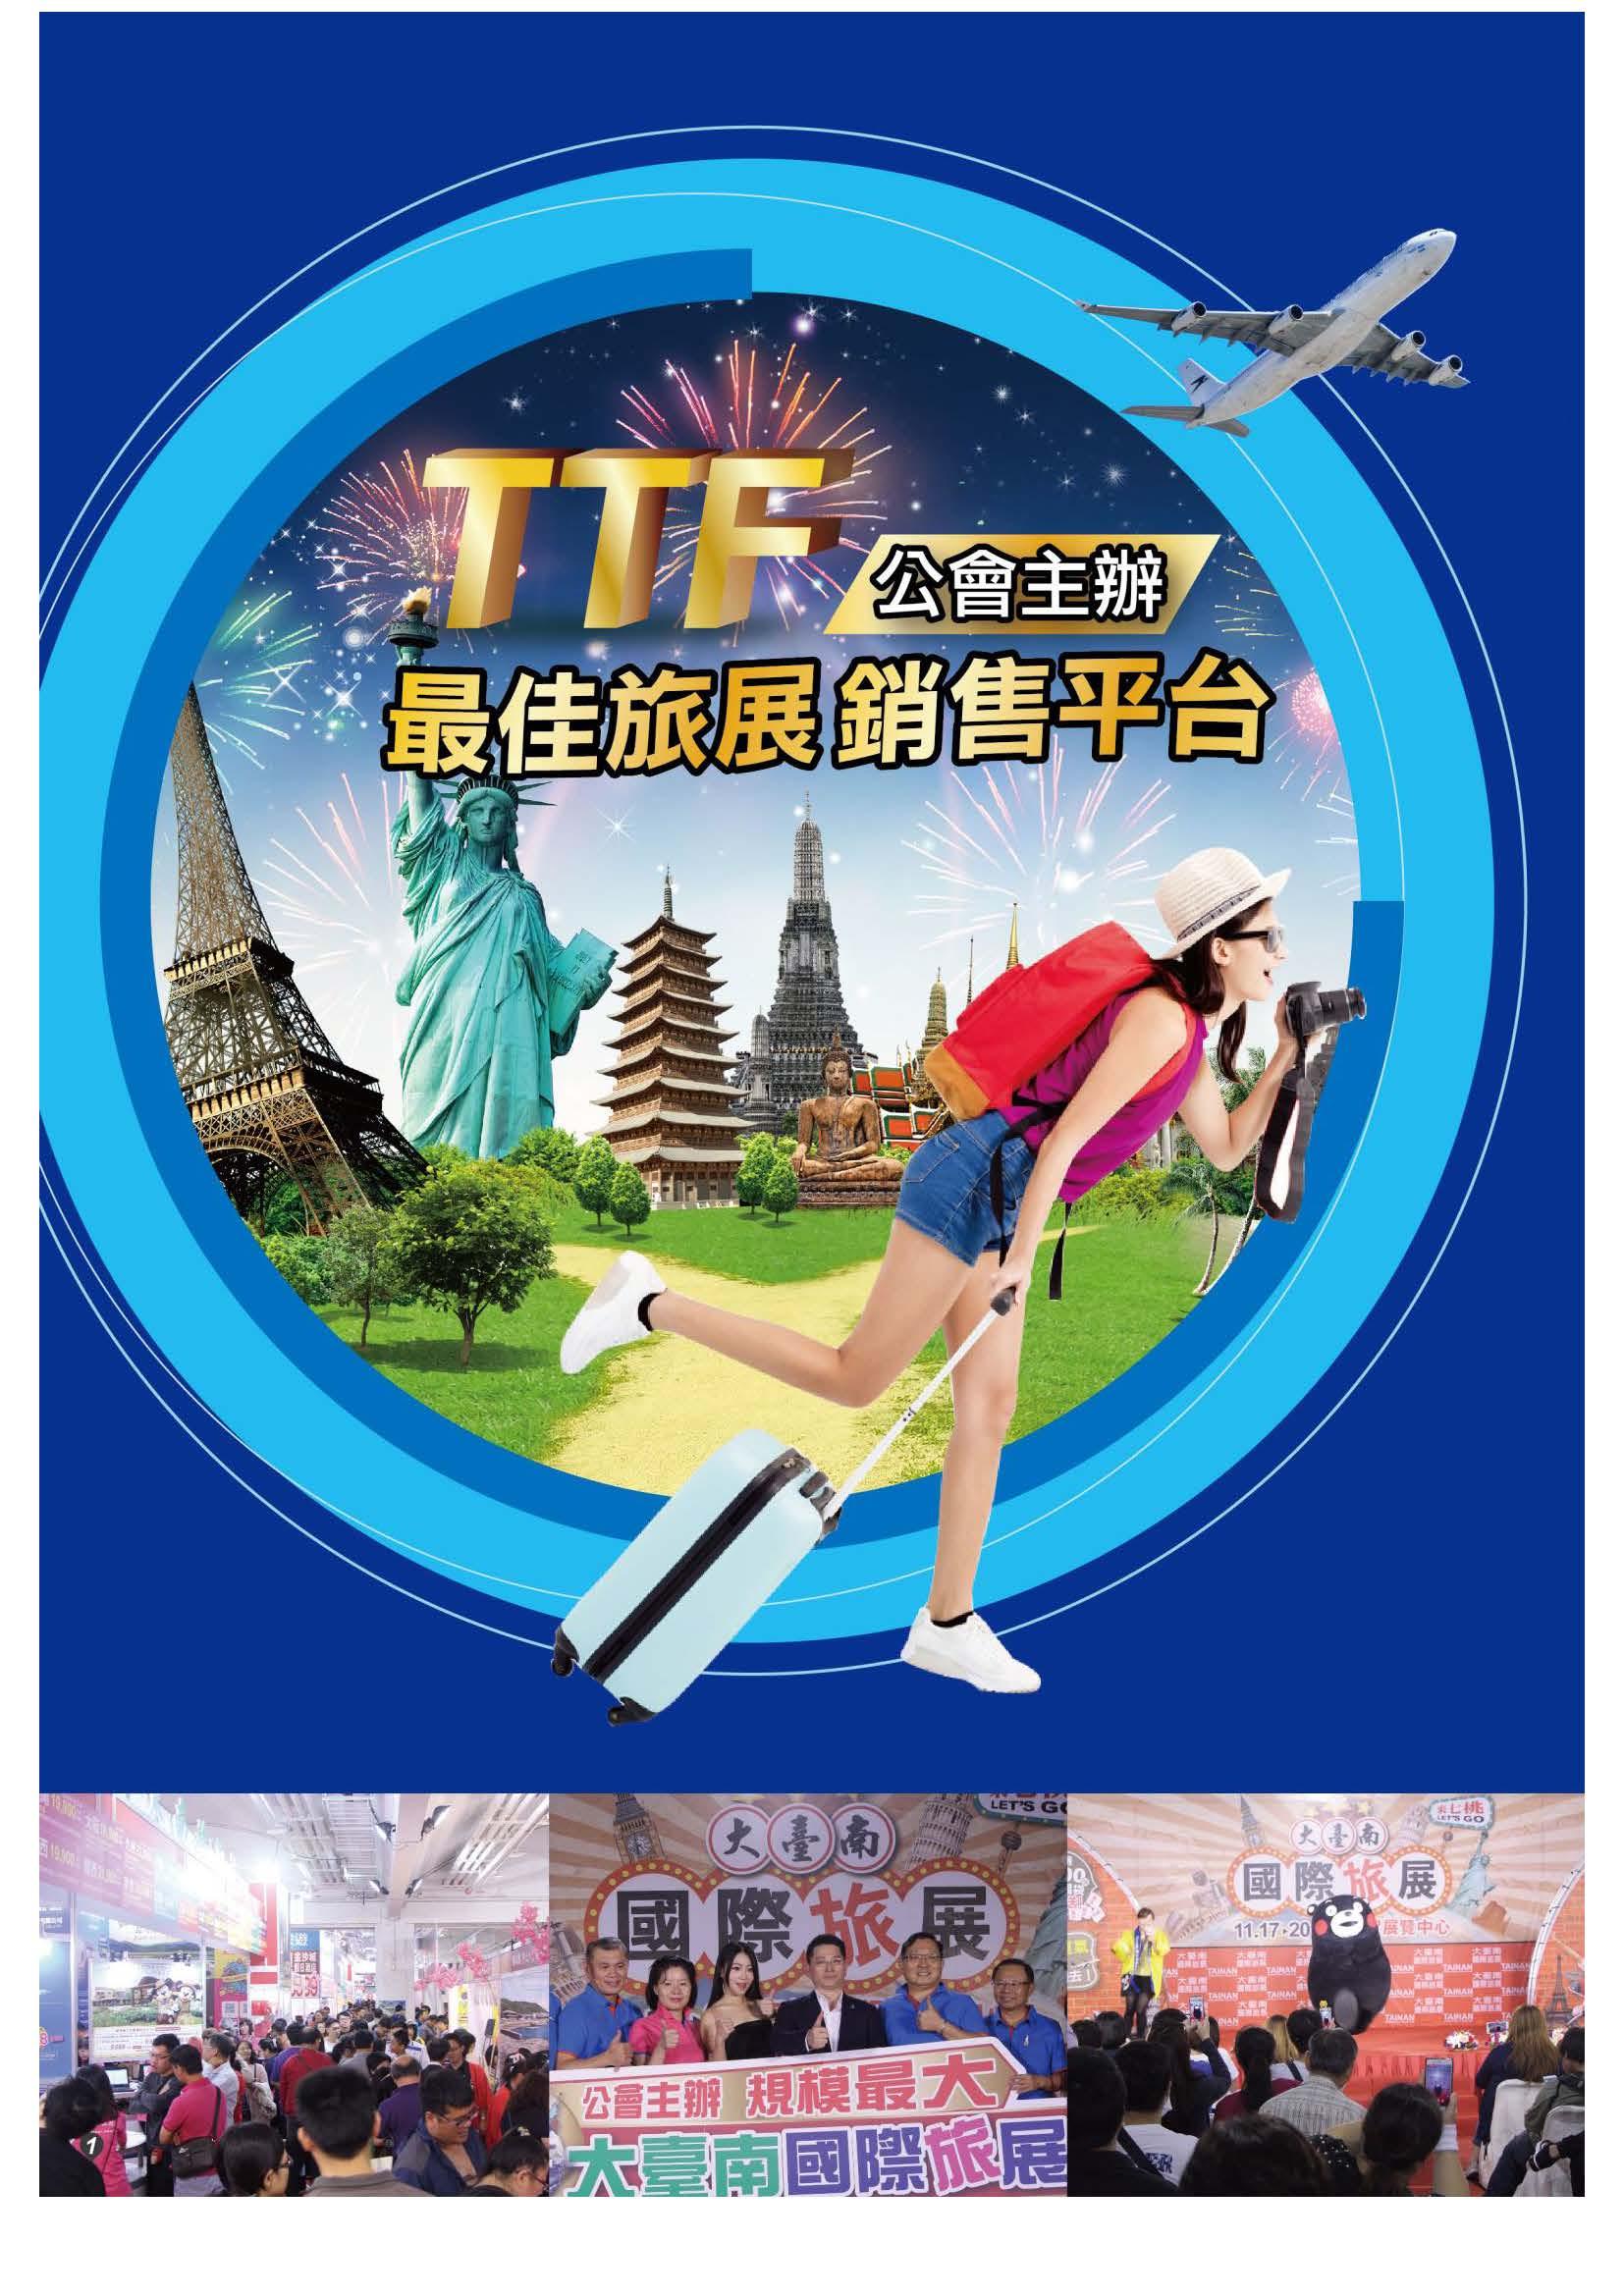 2021.11.12-15大臺南旅展企劃書(單頁版)_頁面_02